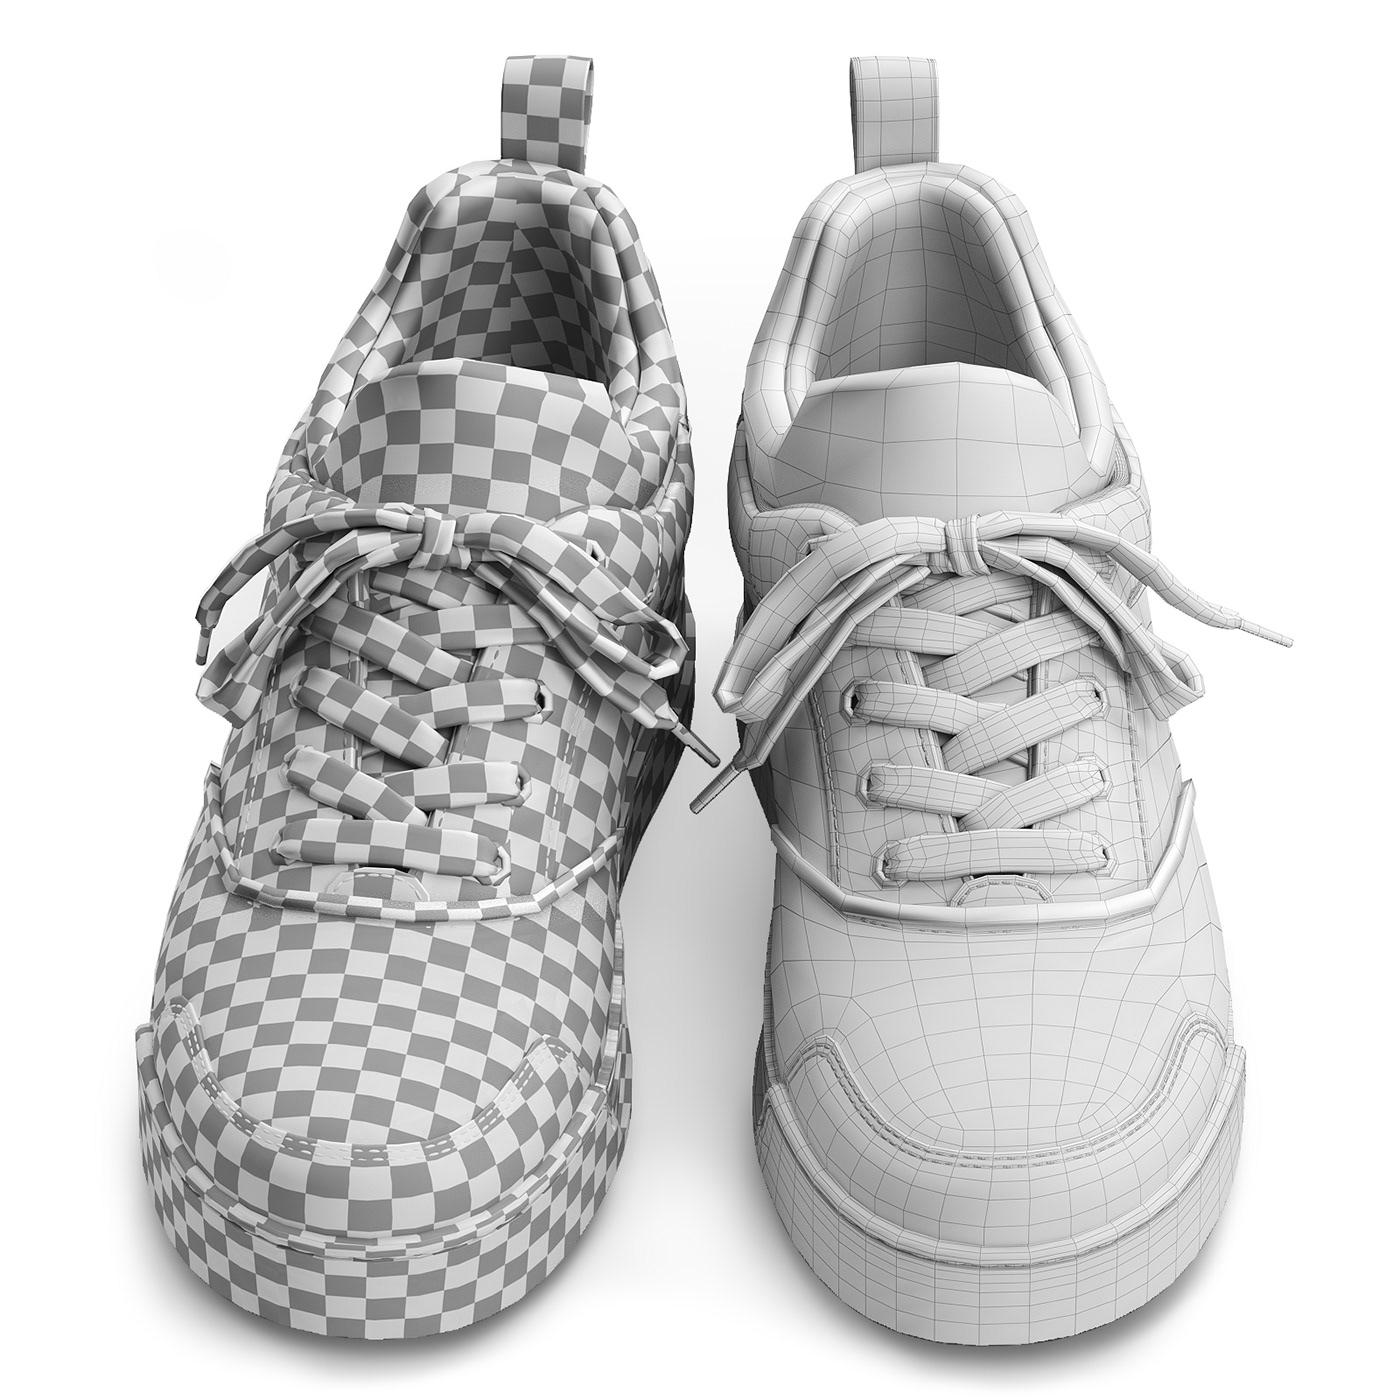 3d model of Christian Louboutin Aurelien Flat sneakers on Behance